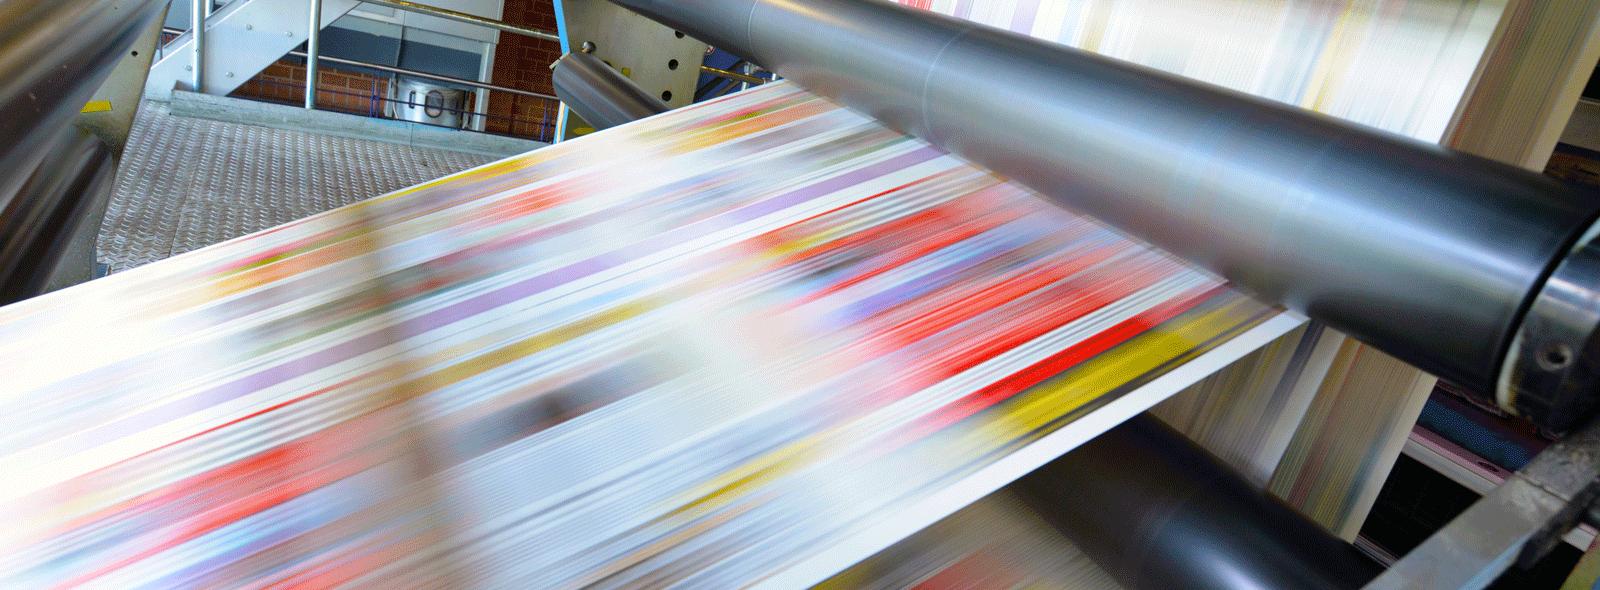 Stampanti ufficio: cos'è la funzione duplex